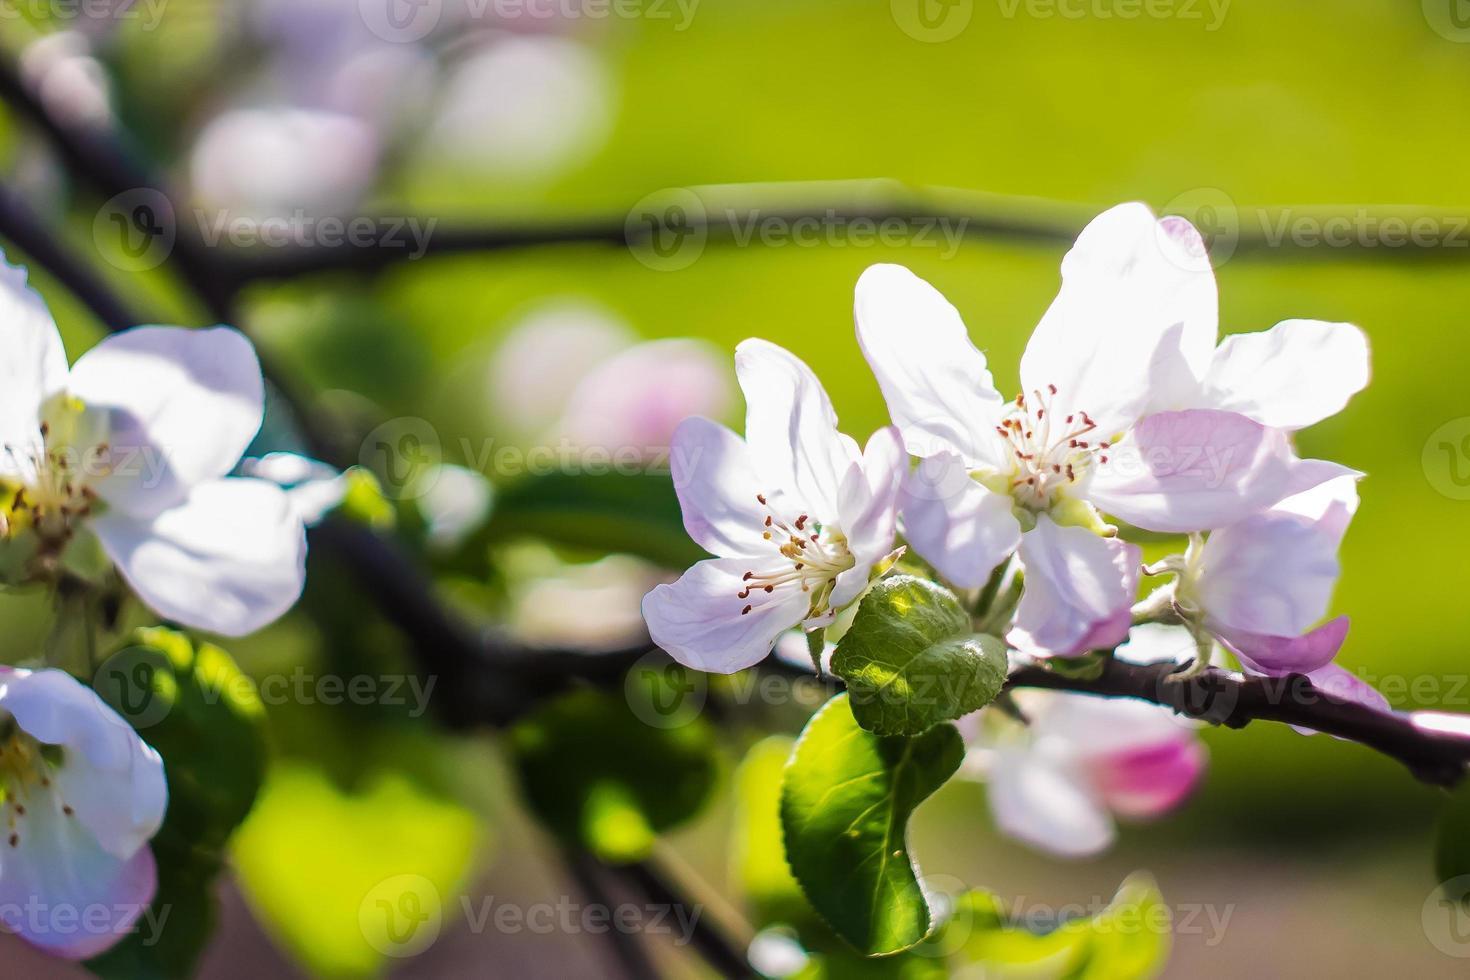 belle fleur au printemps, macro de fleurs délicates photo